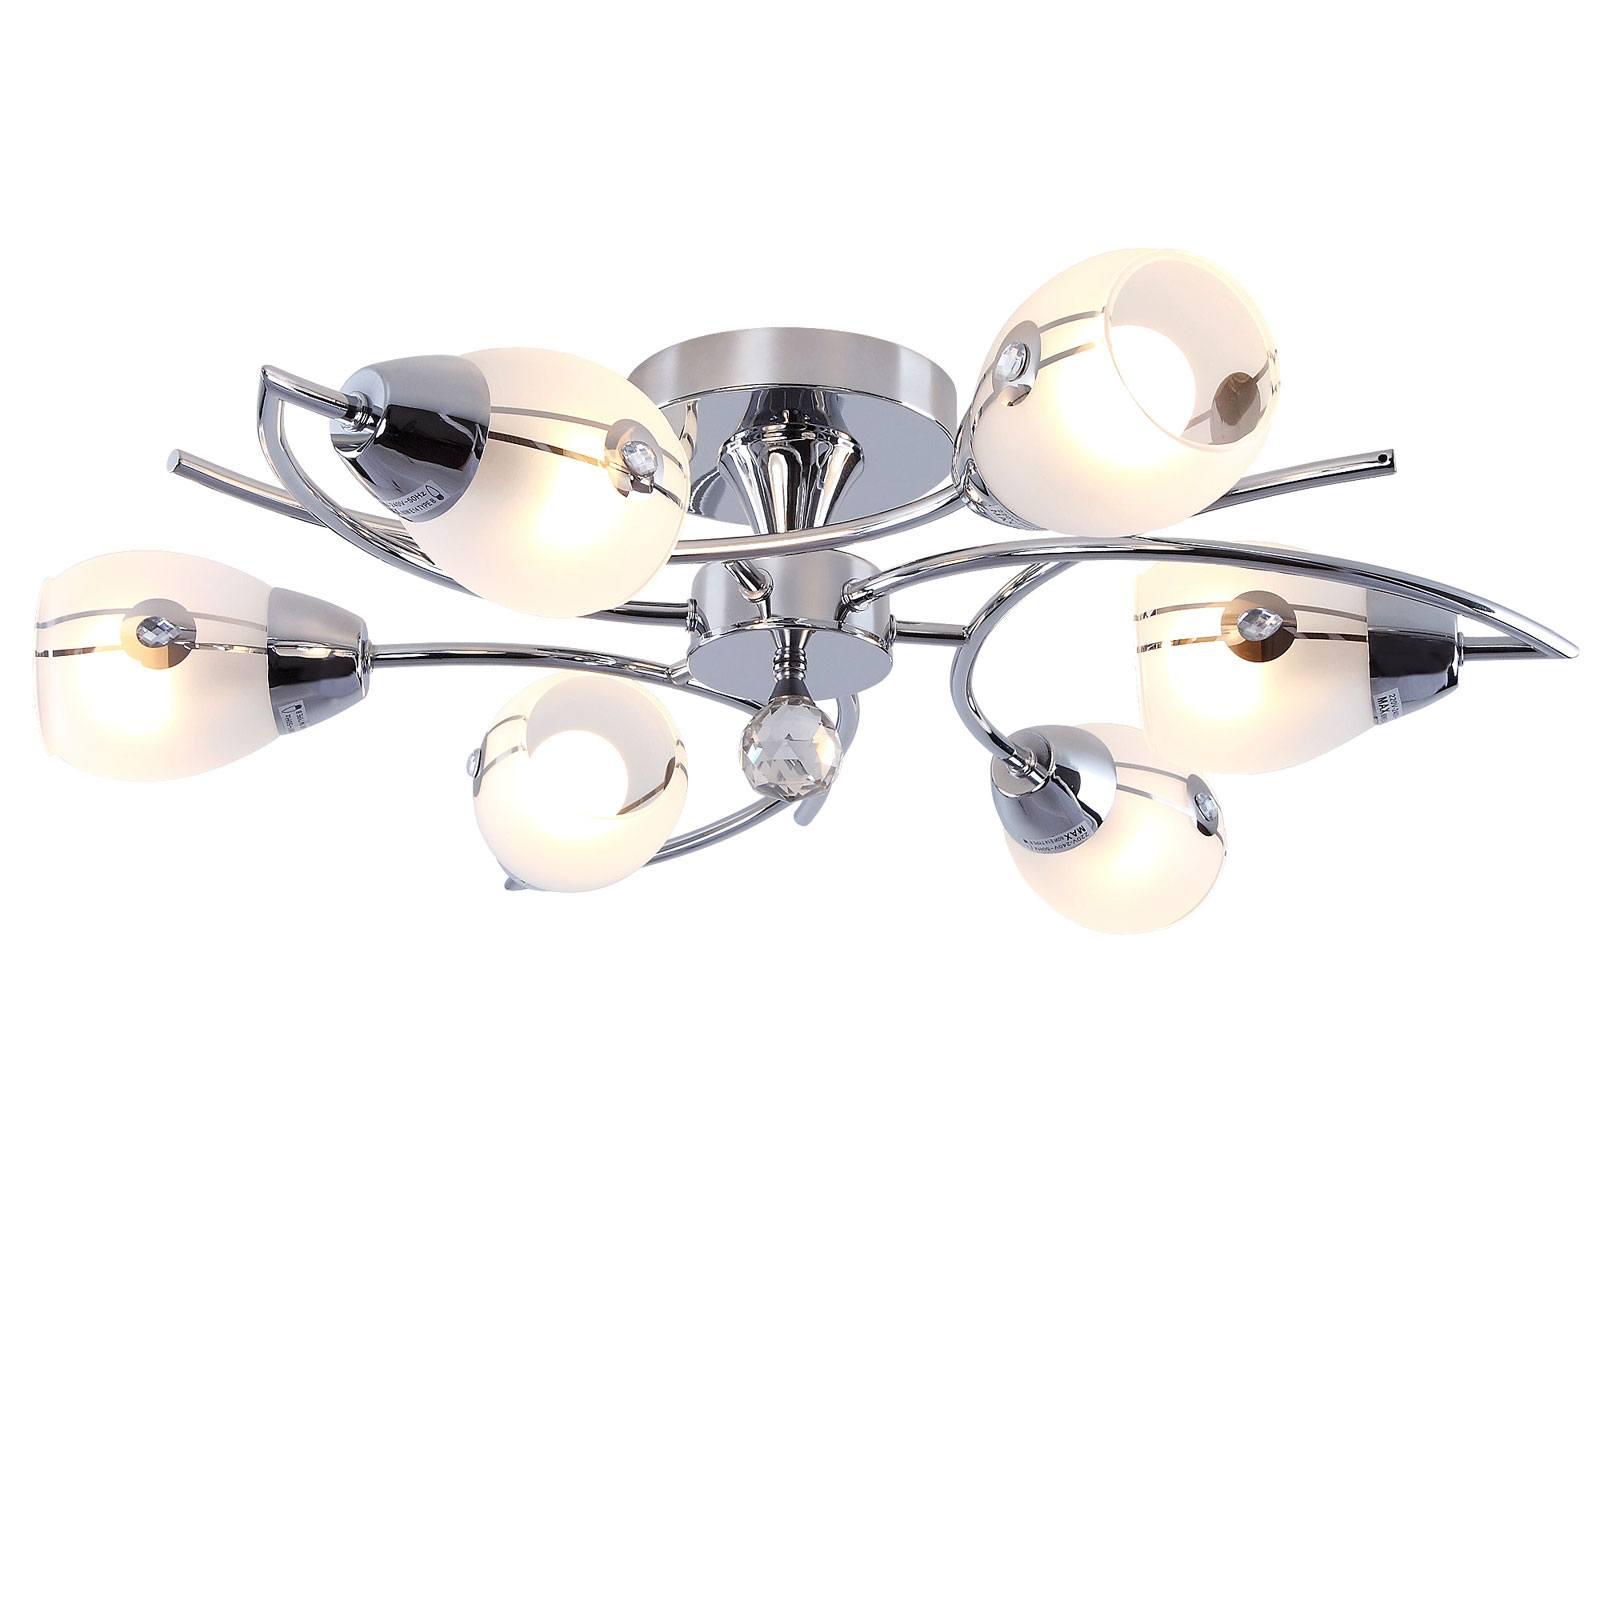 Full Size of Deckenleuchte Wohnzimmer Led Dimmbar Deckenlampe 6 Flammige Leuchte Deckenlampen Lampe Lederpflege Sofa Bad Badezimmer Lampen Vorhänge Spot Garten Mit Kleines Wohnzimmer Deckenleuchte Wohnzimmer Led Dimmbar